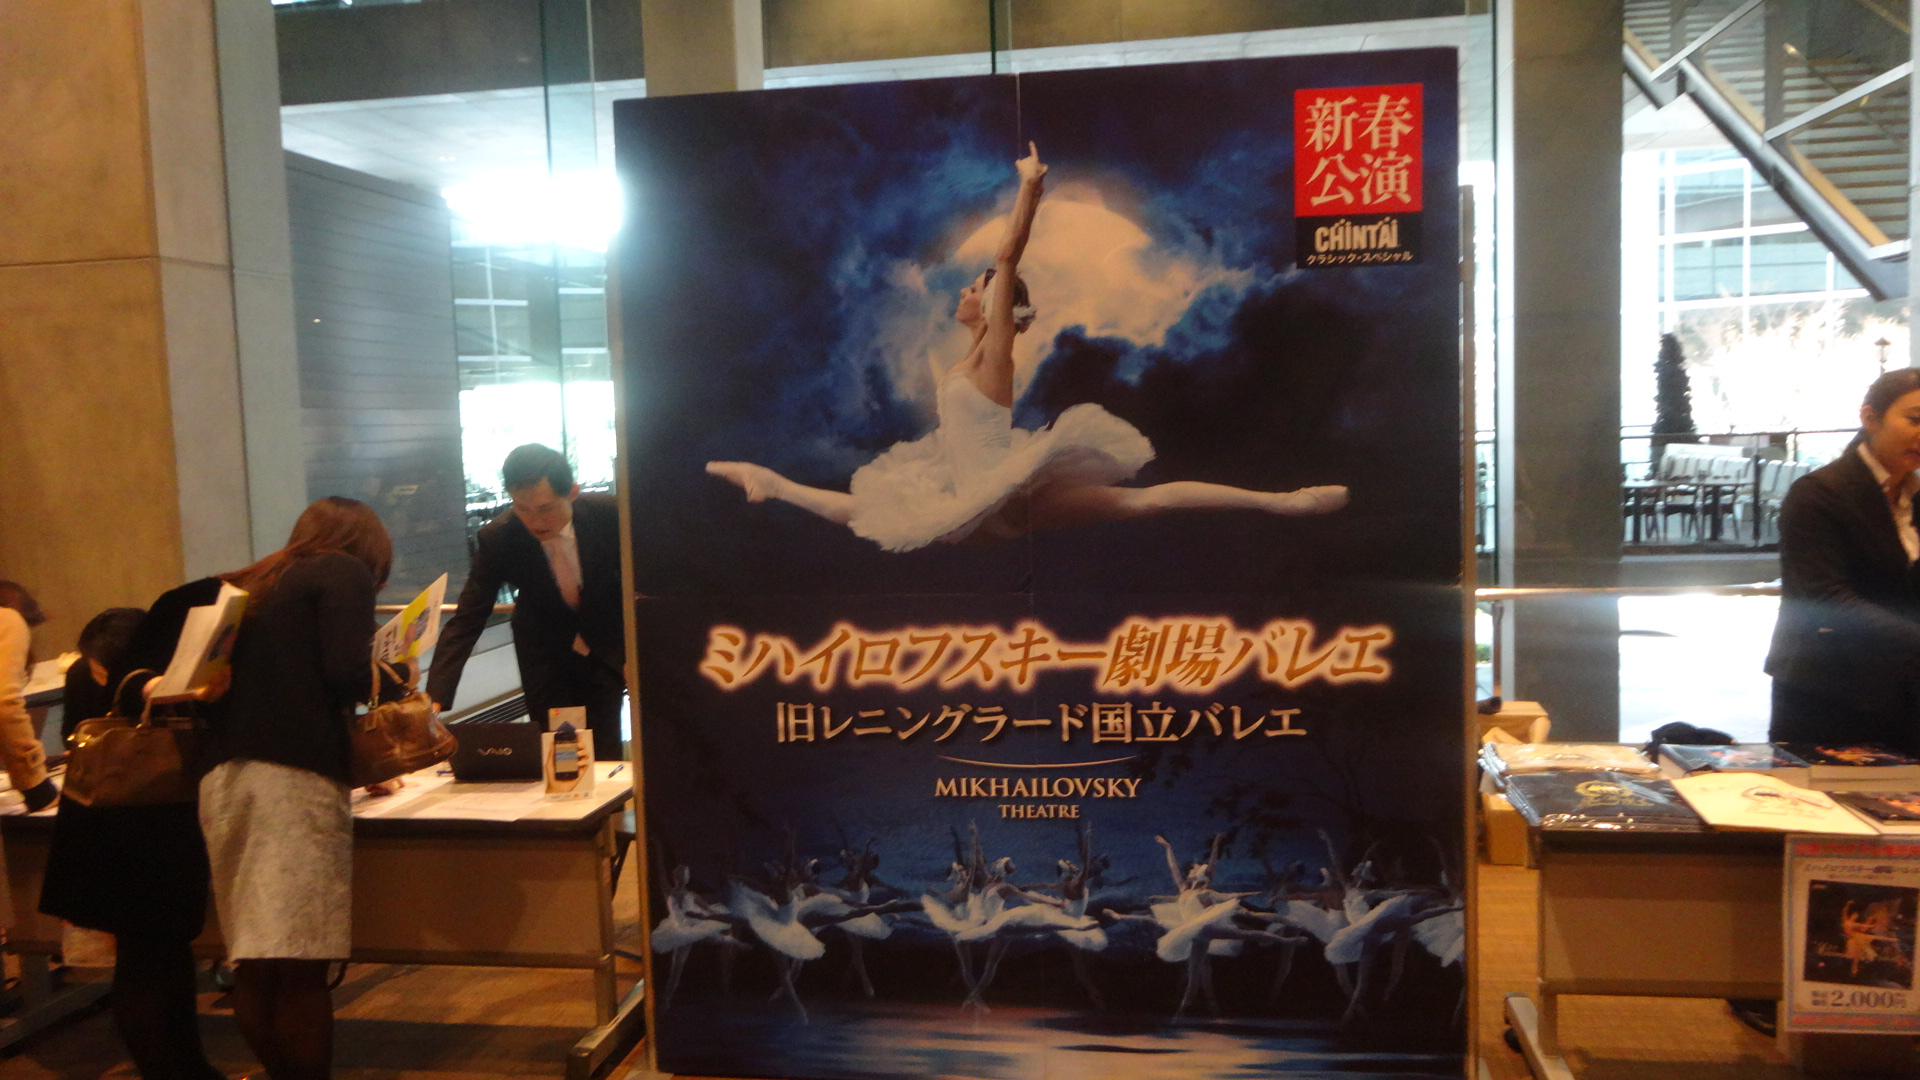 ミハイロフスキー劇場バレエの公演の看板